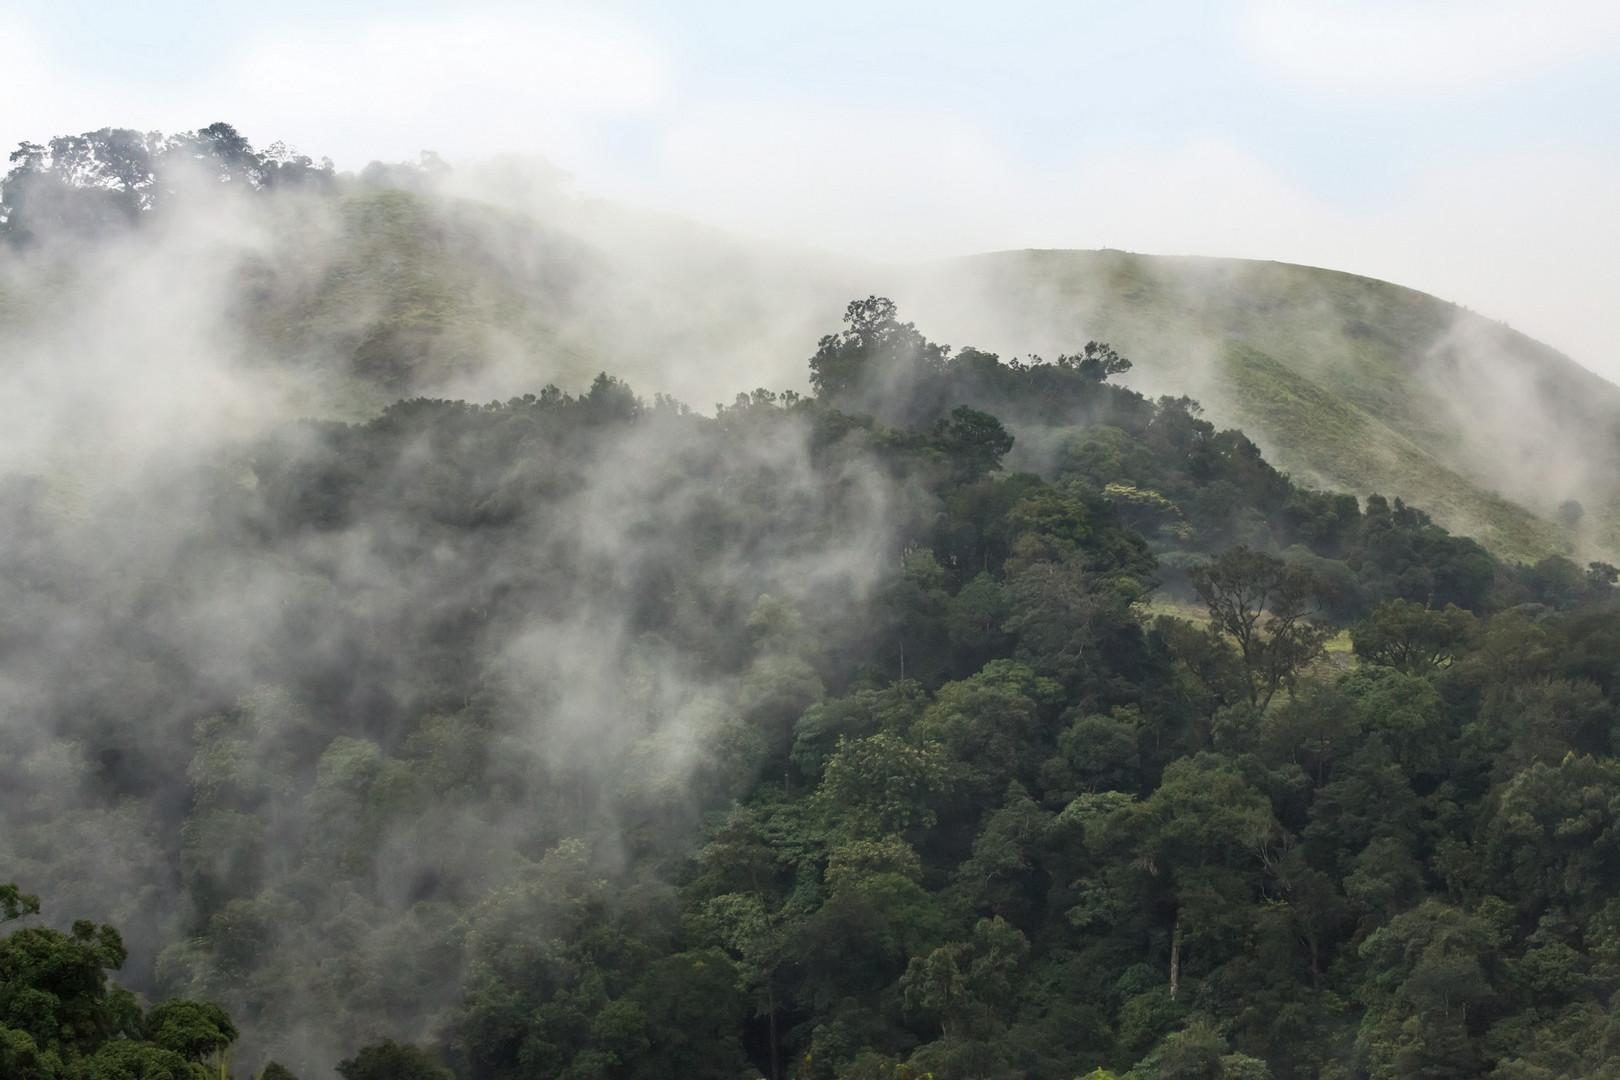 L'humidité de la jungle au petit jour - environ 50 km au sud de Kumely